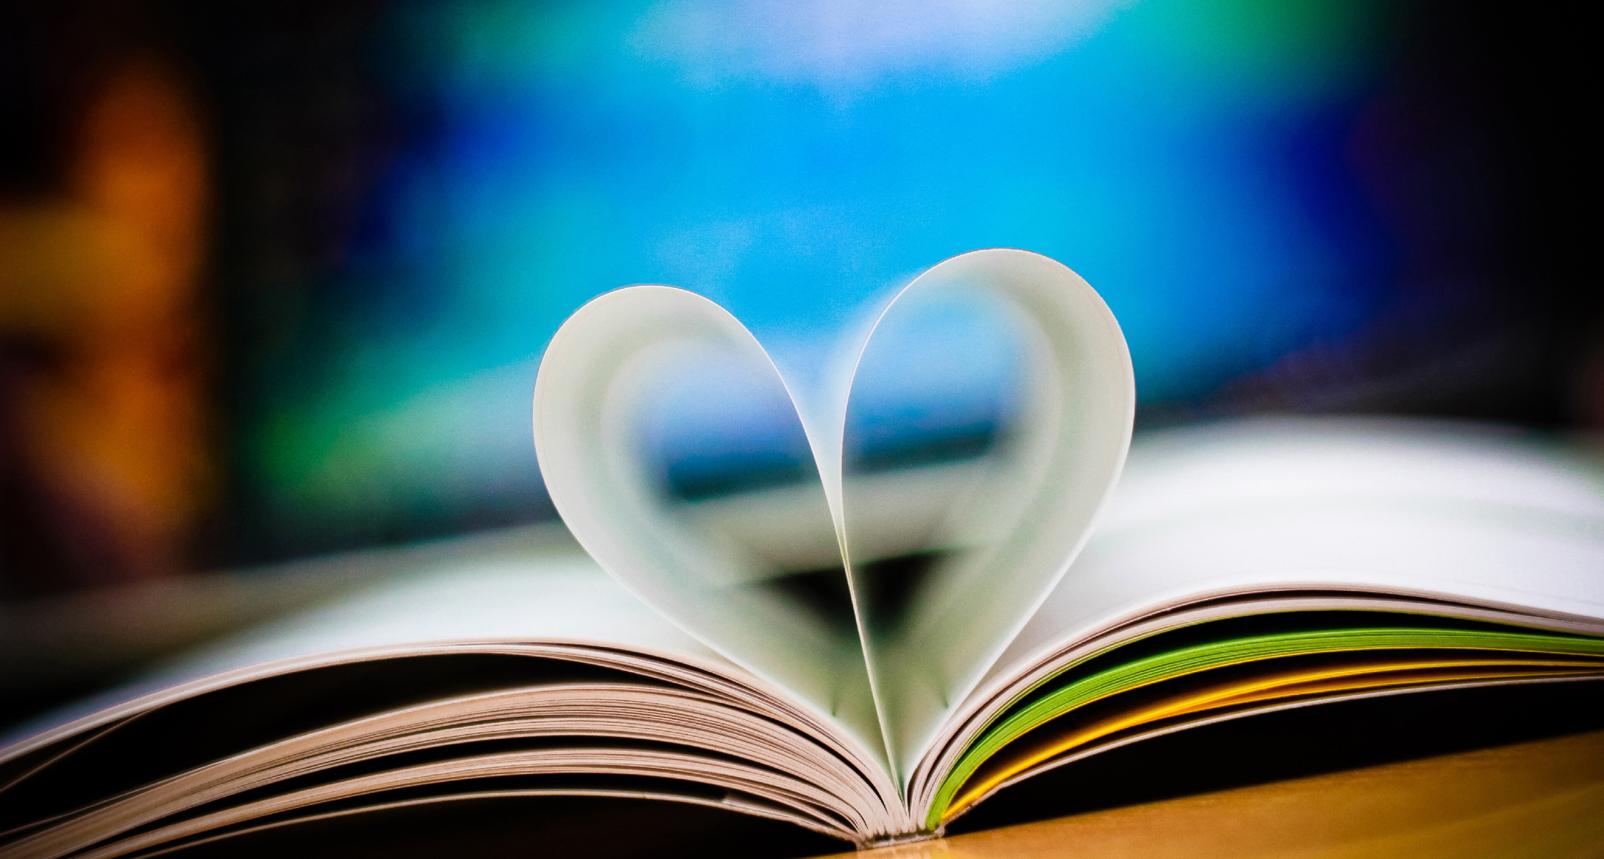 lovebook.png